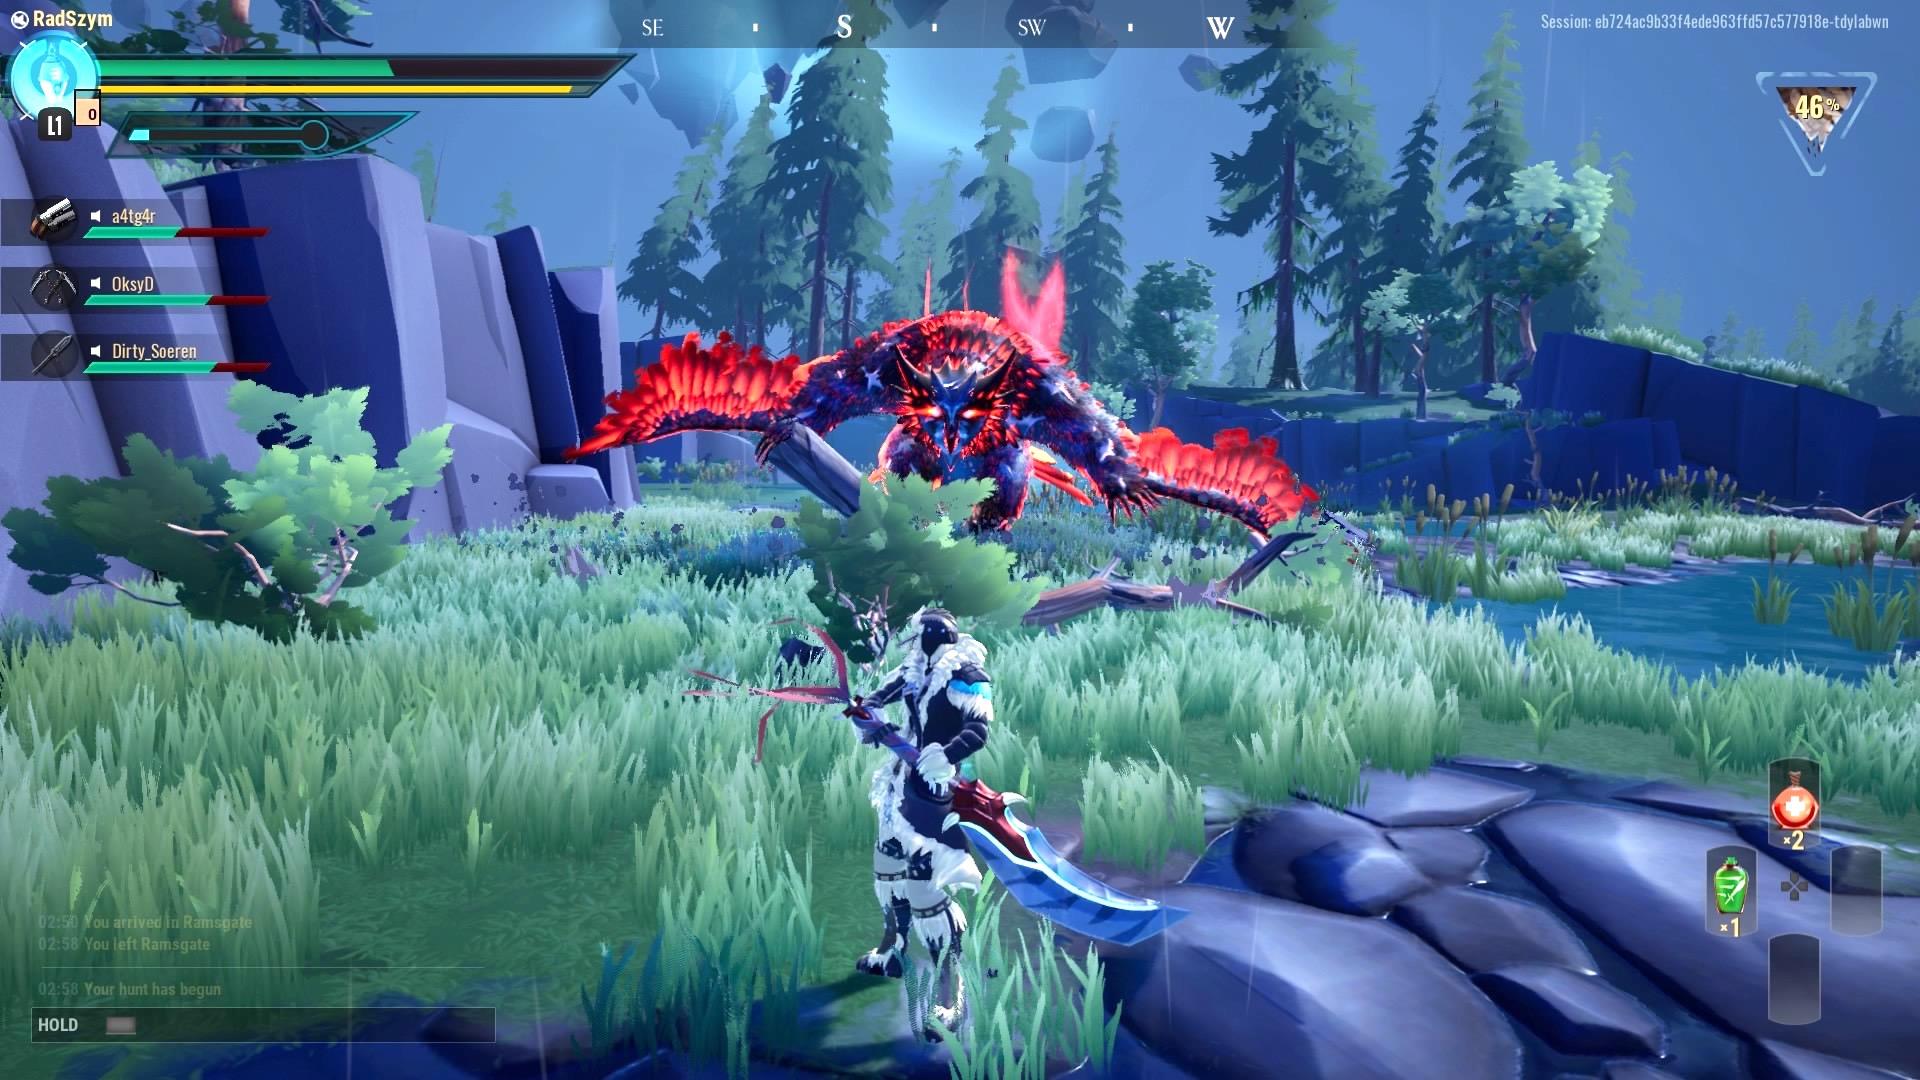 Dauntless - darmowe połączenie Fortnite i Monster Huntera będzie nowym hitem